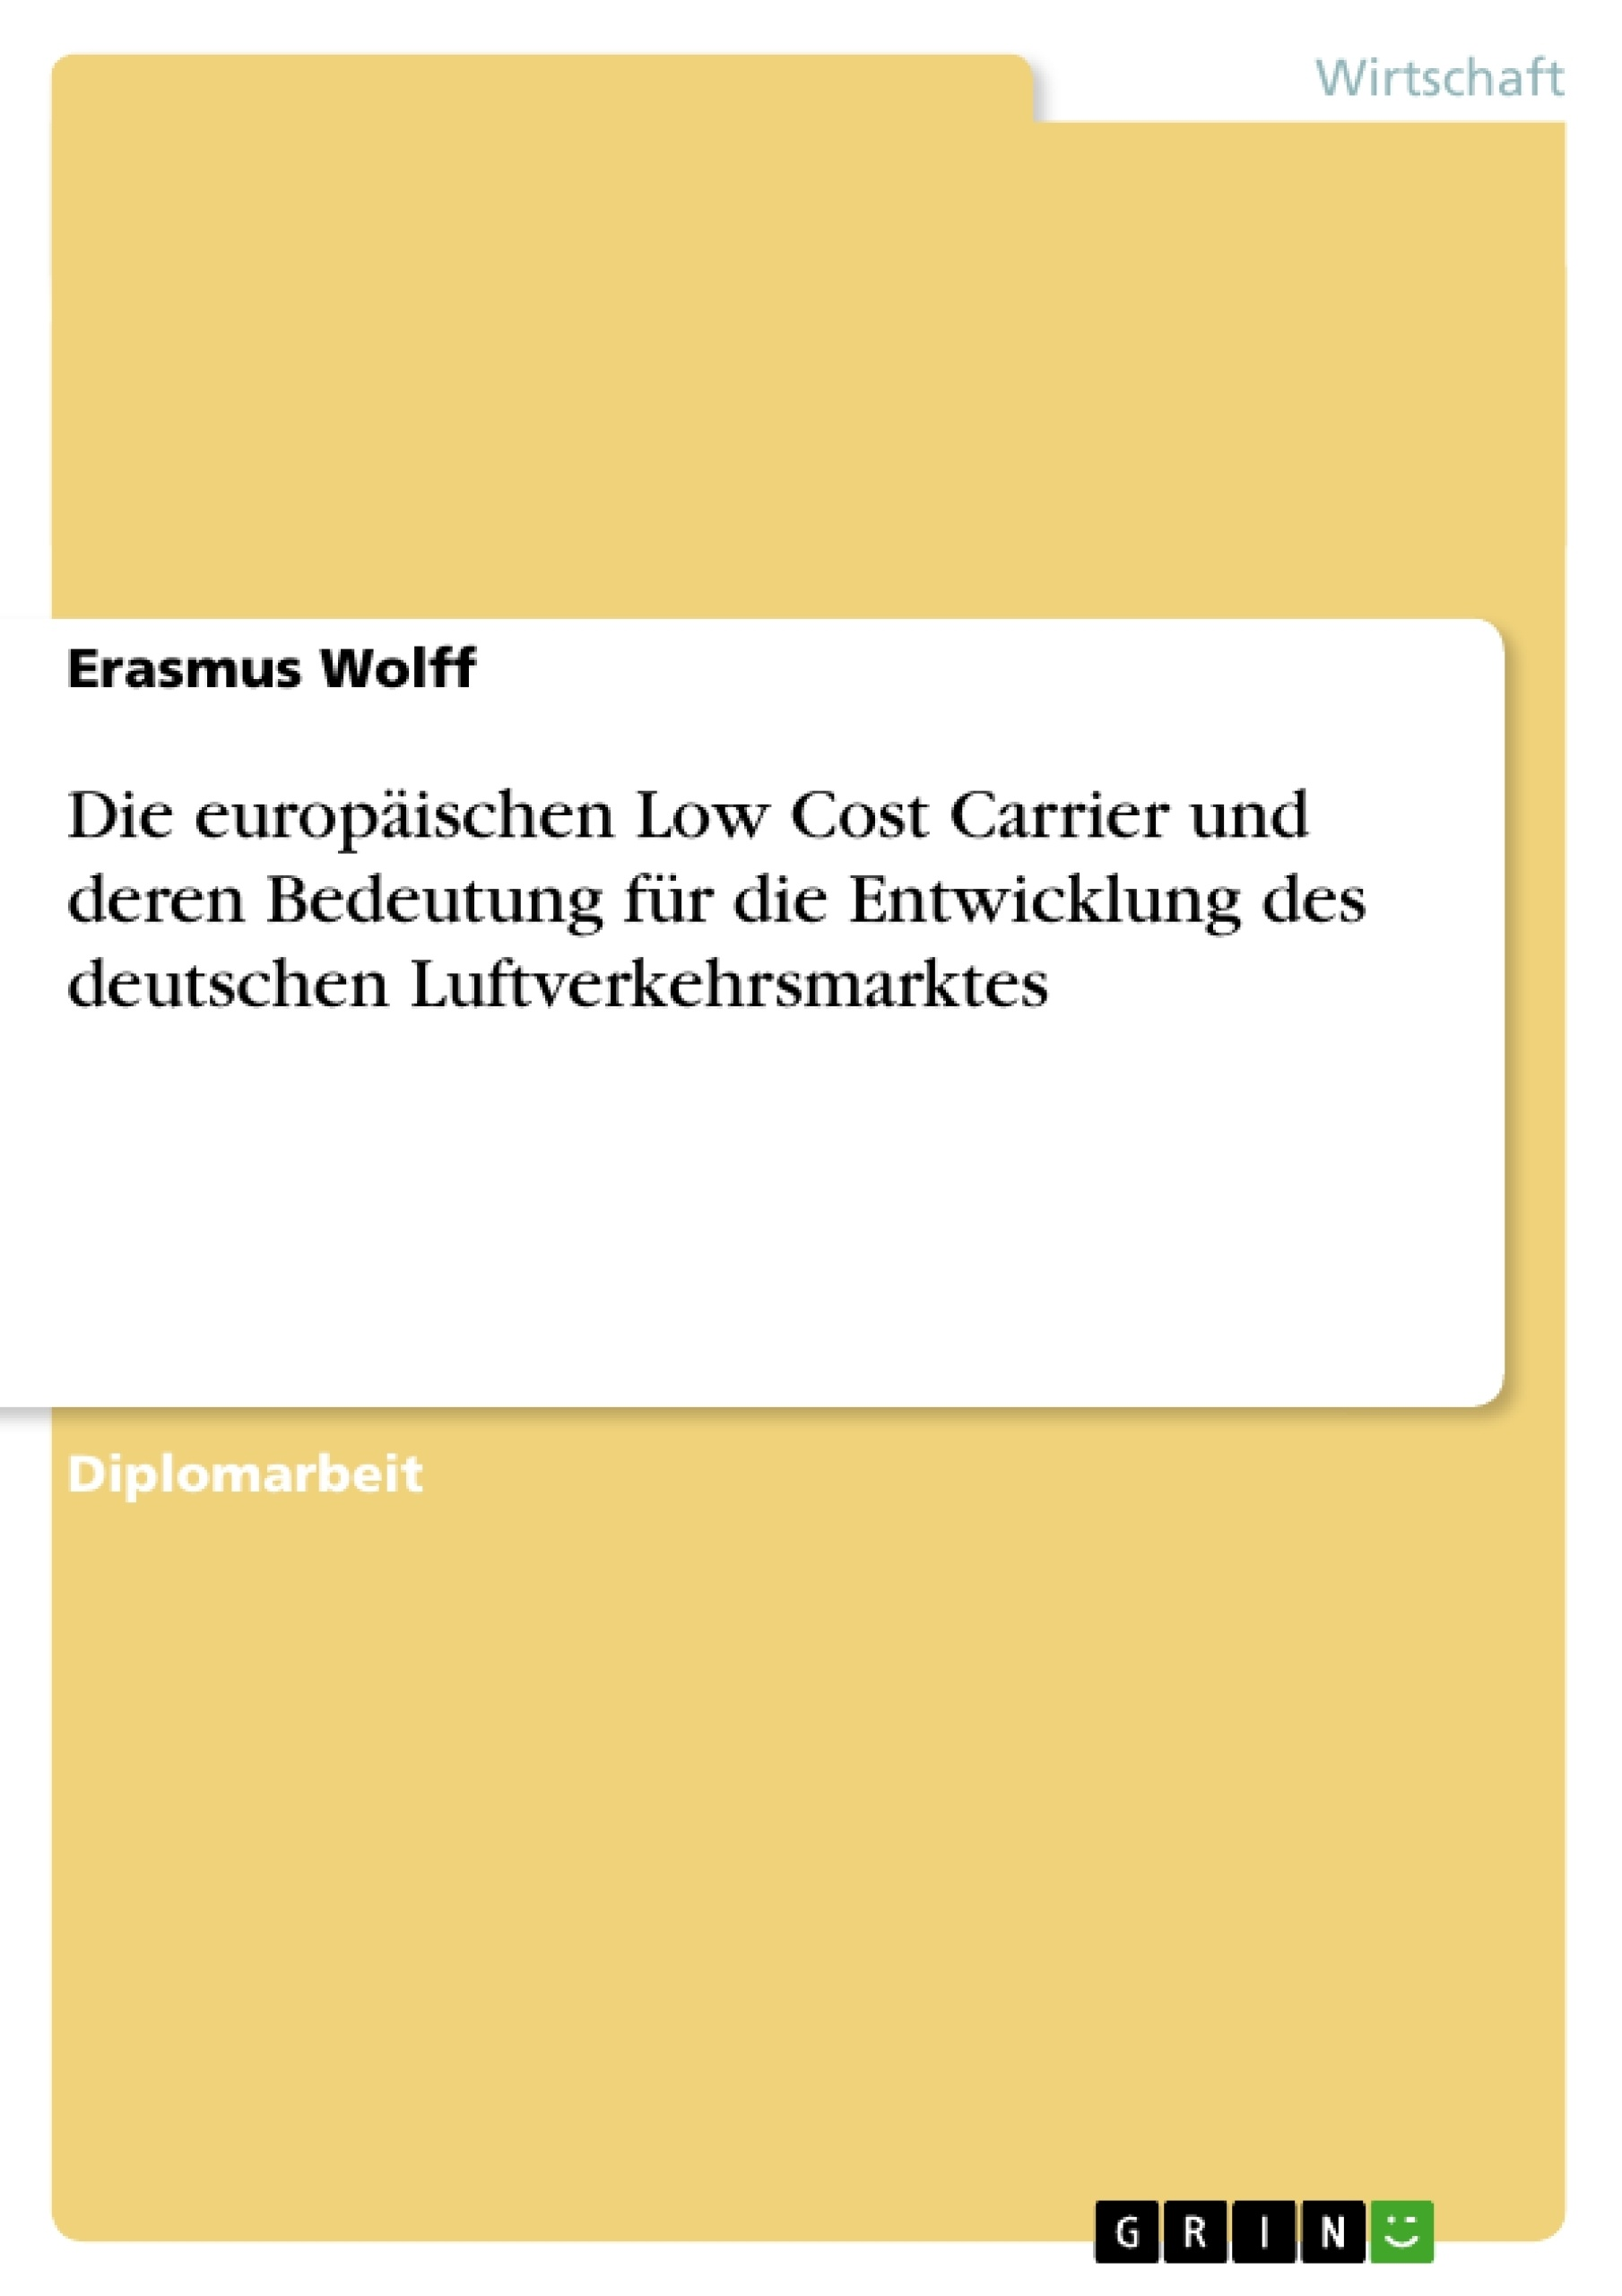 Titel: Die europäischen Low Cost Carrier und deren Bedeutung für die Entwicklung des deutschen Luftverkehrsmarktes